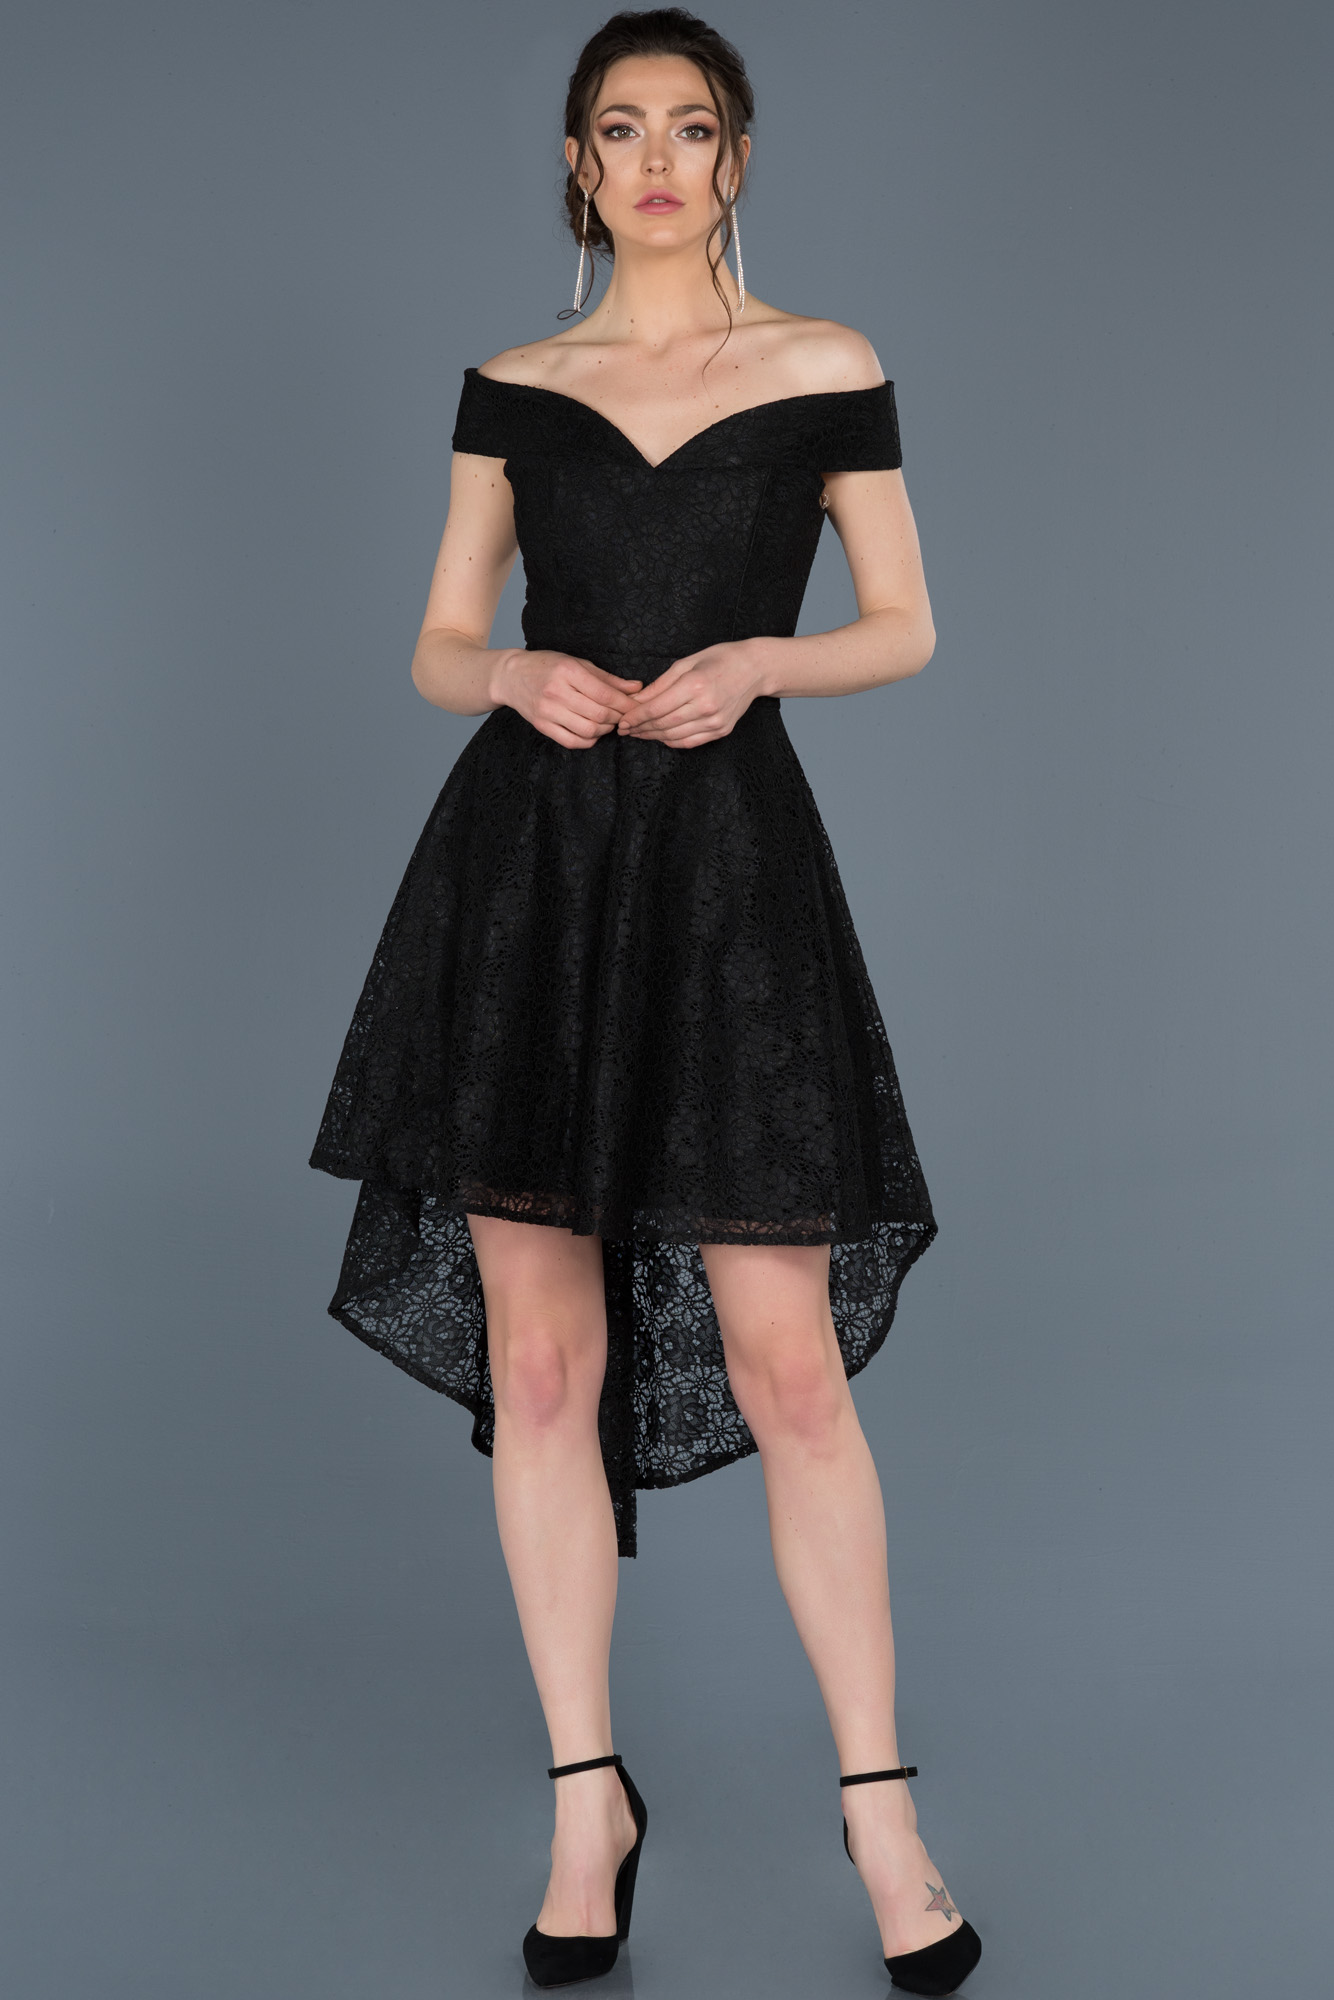 Siyah Önü Kısa Arkası Uzun Güpürlü Davet Elbisesi